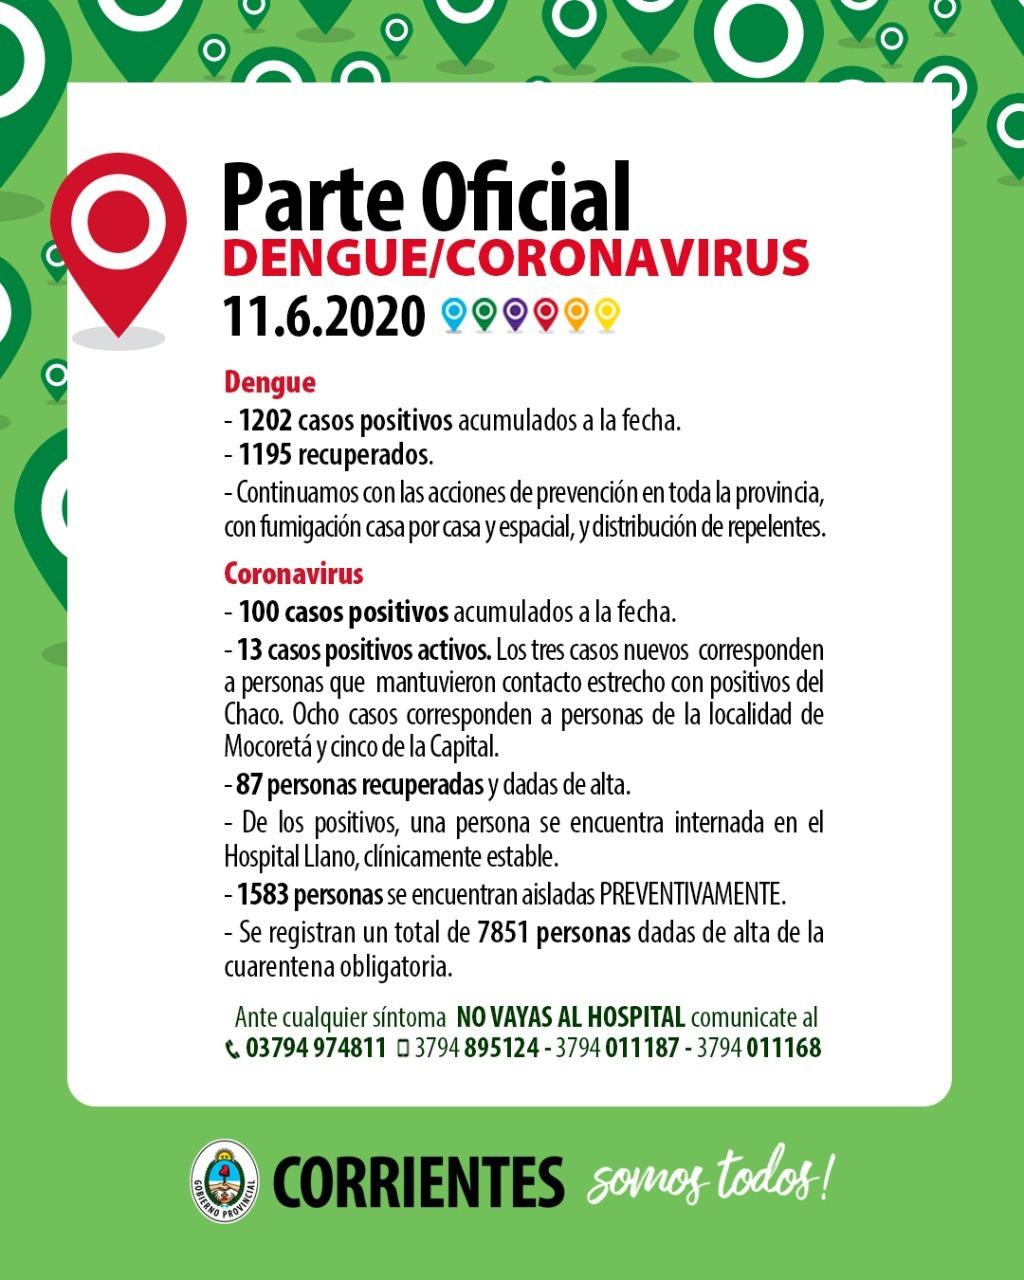 Hay tres casos positivos nuevos de Coronavirus en la ciudad de Corrientes